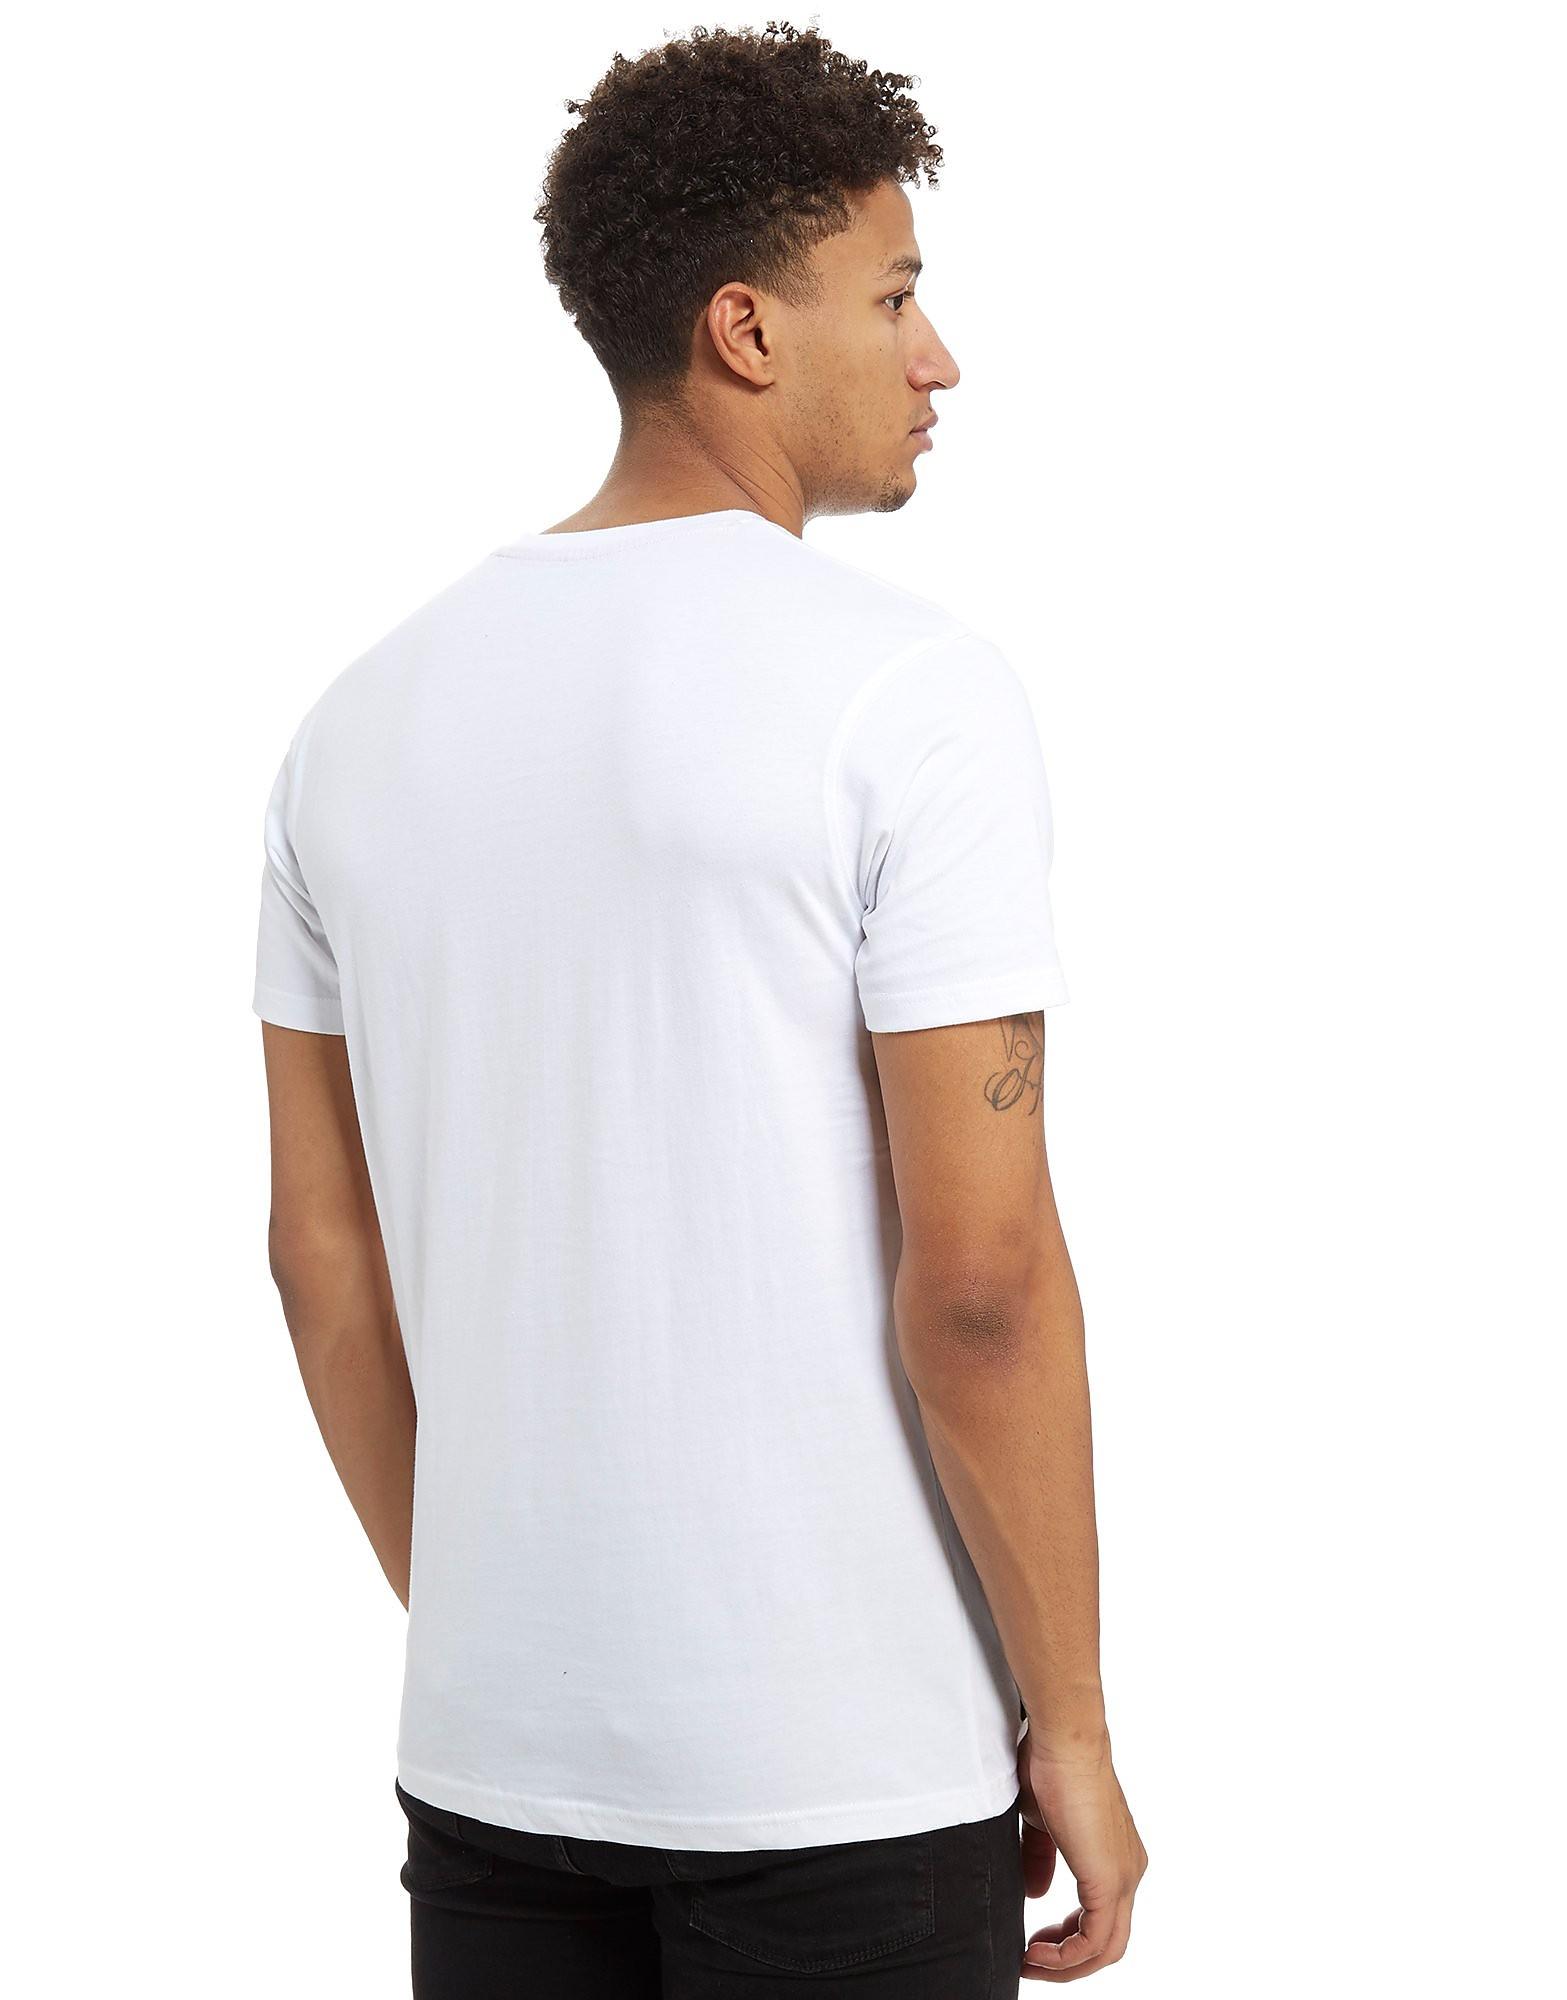 McKenzie Worral T-Shirt